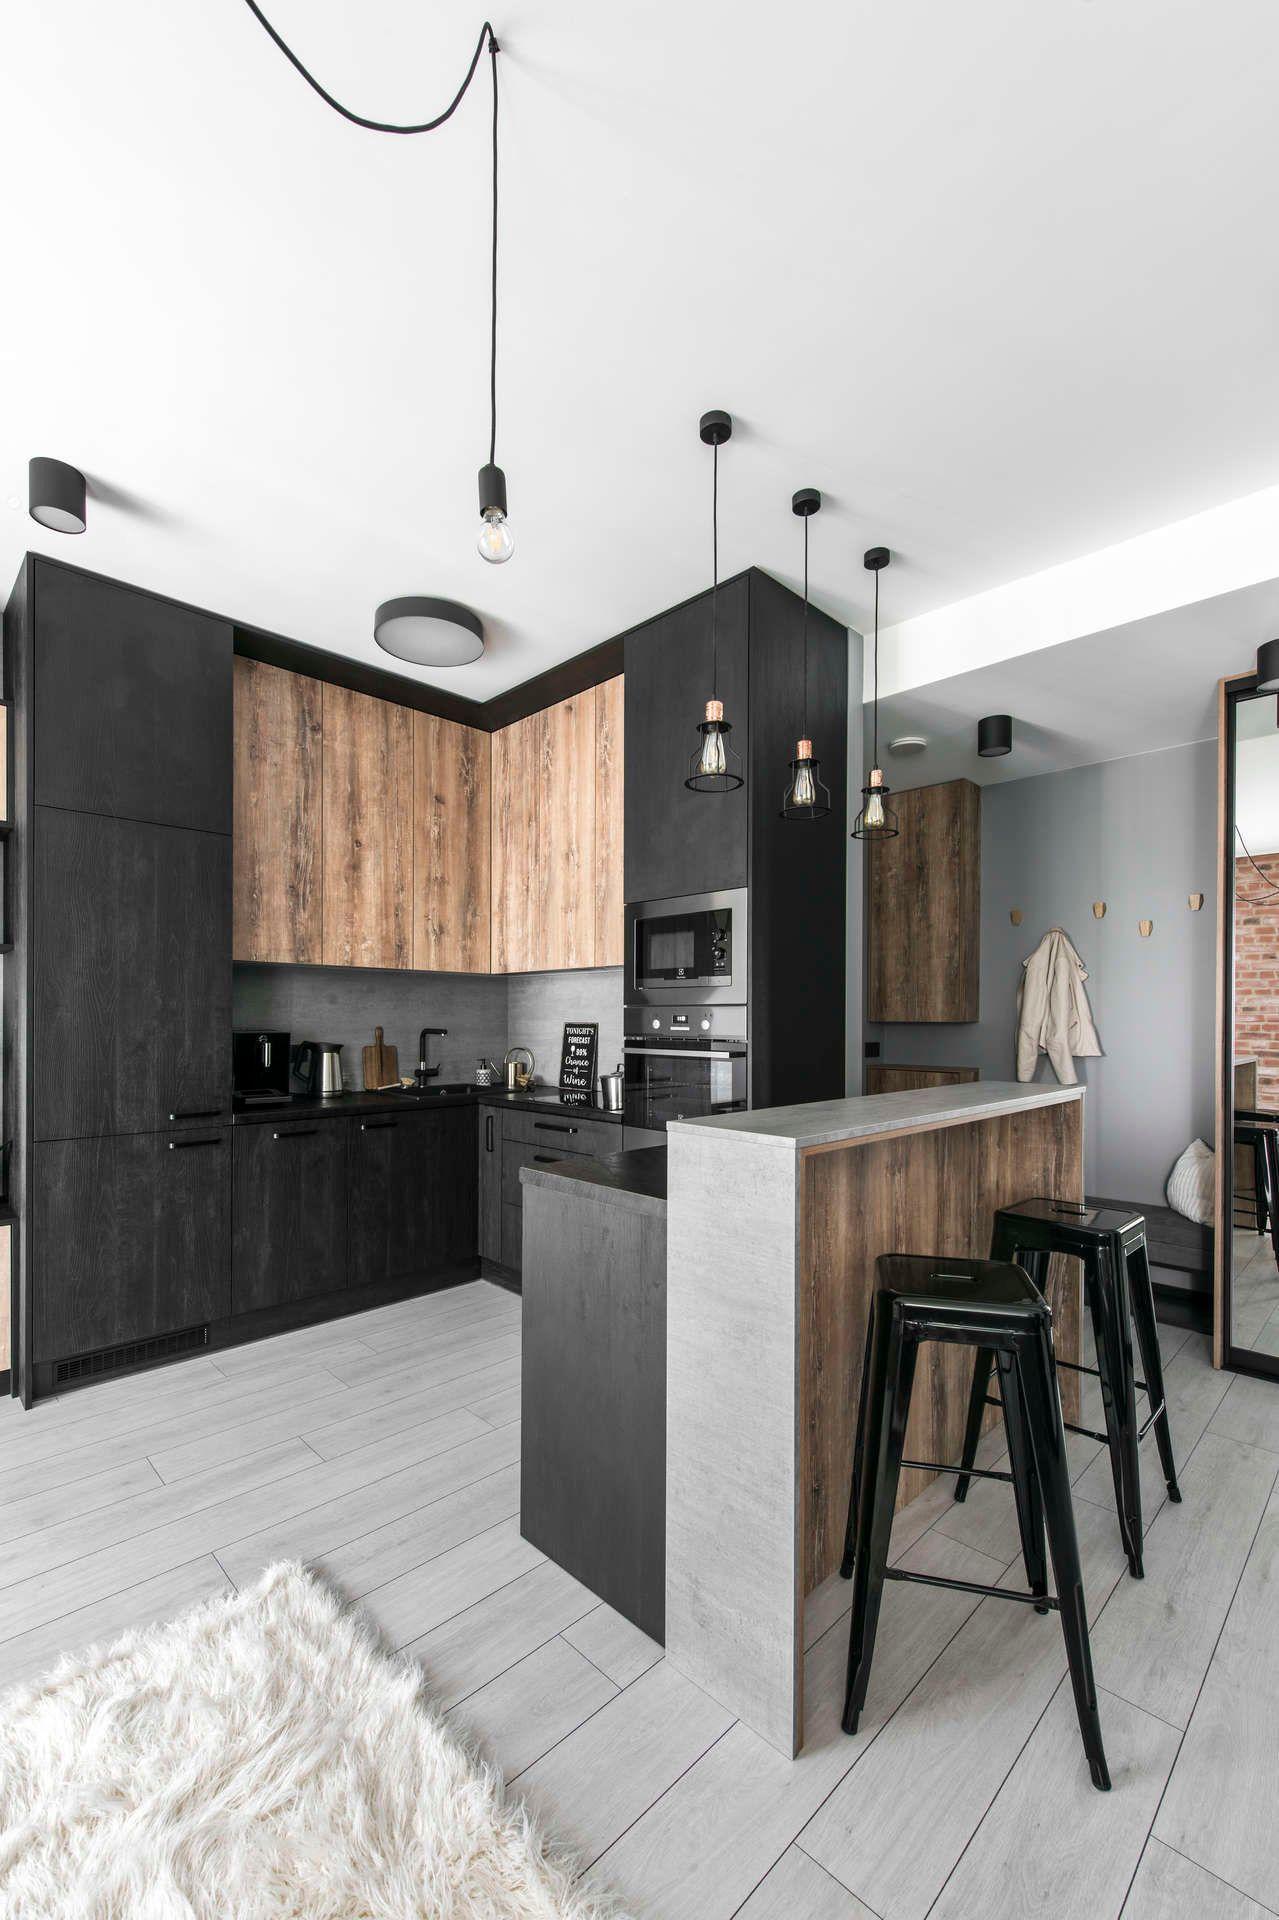 Cuisine Avec Parquet Gris cuisine avec parquet : idées meubles et styles | cuisine